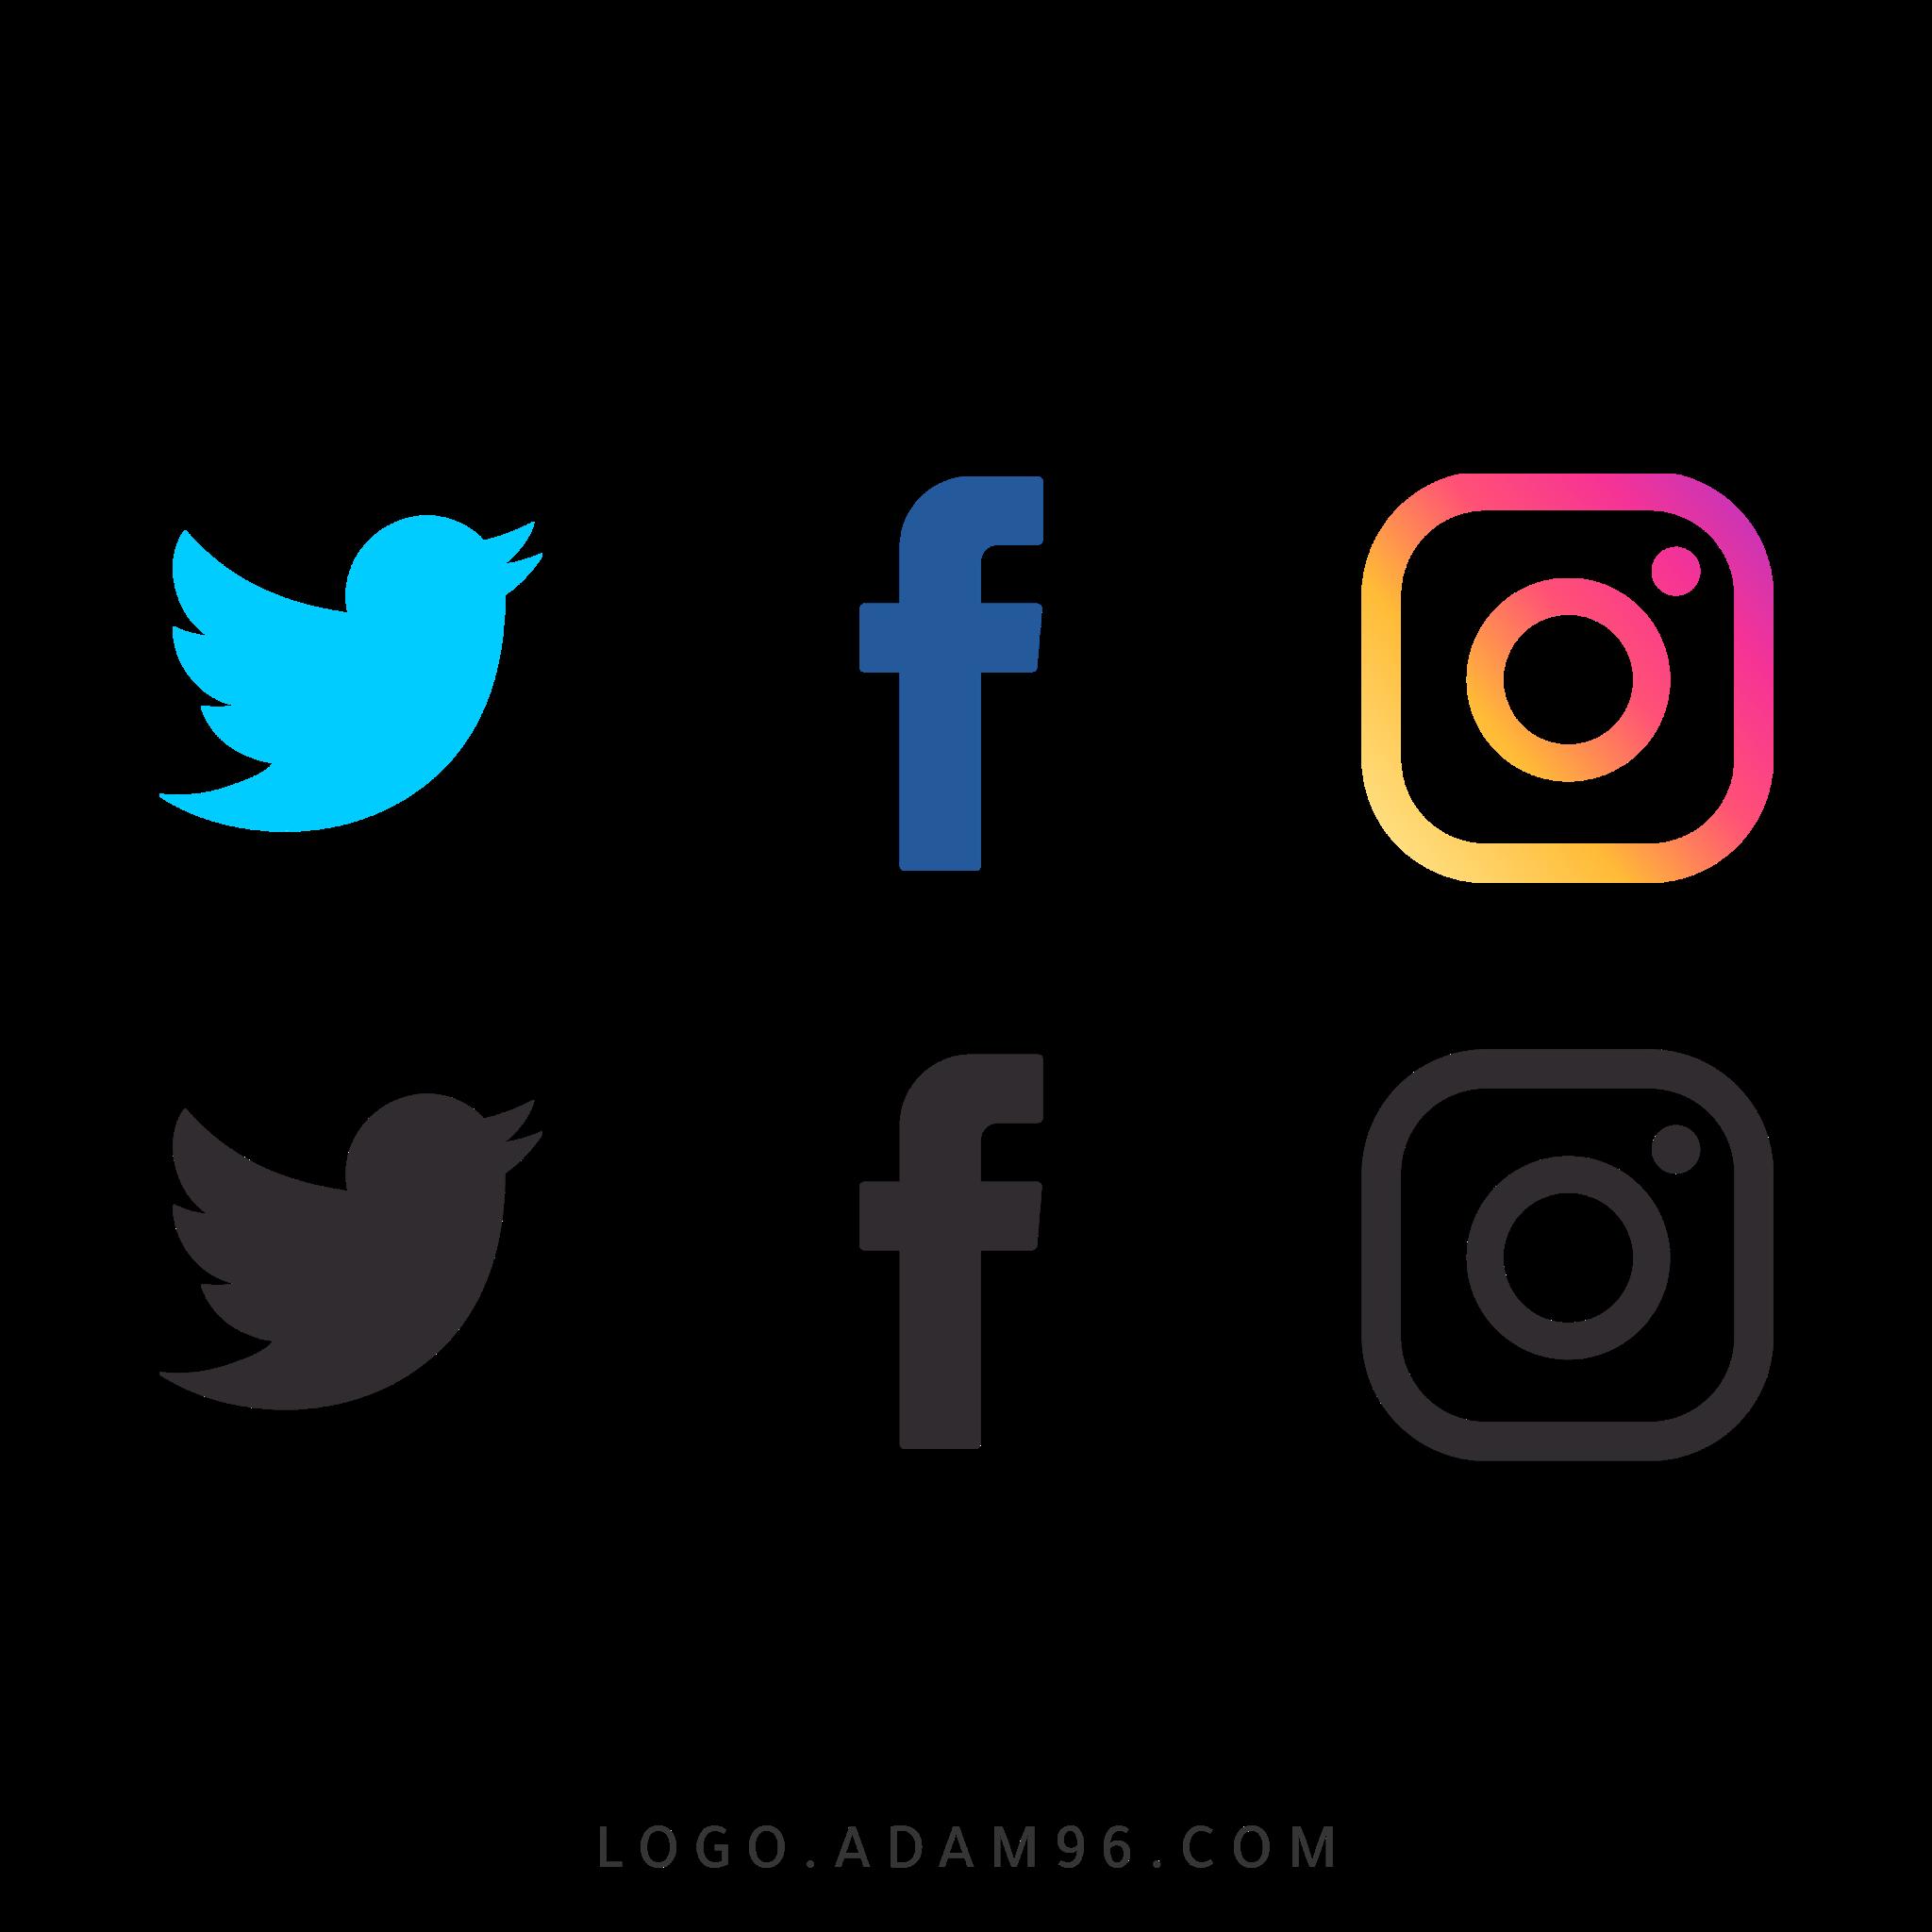 تحميل ايقونات مواقع التواصل الاجتماعي لوجو فيس بوك تويتر انستغرام PNG